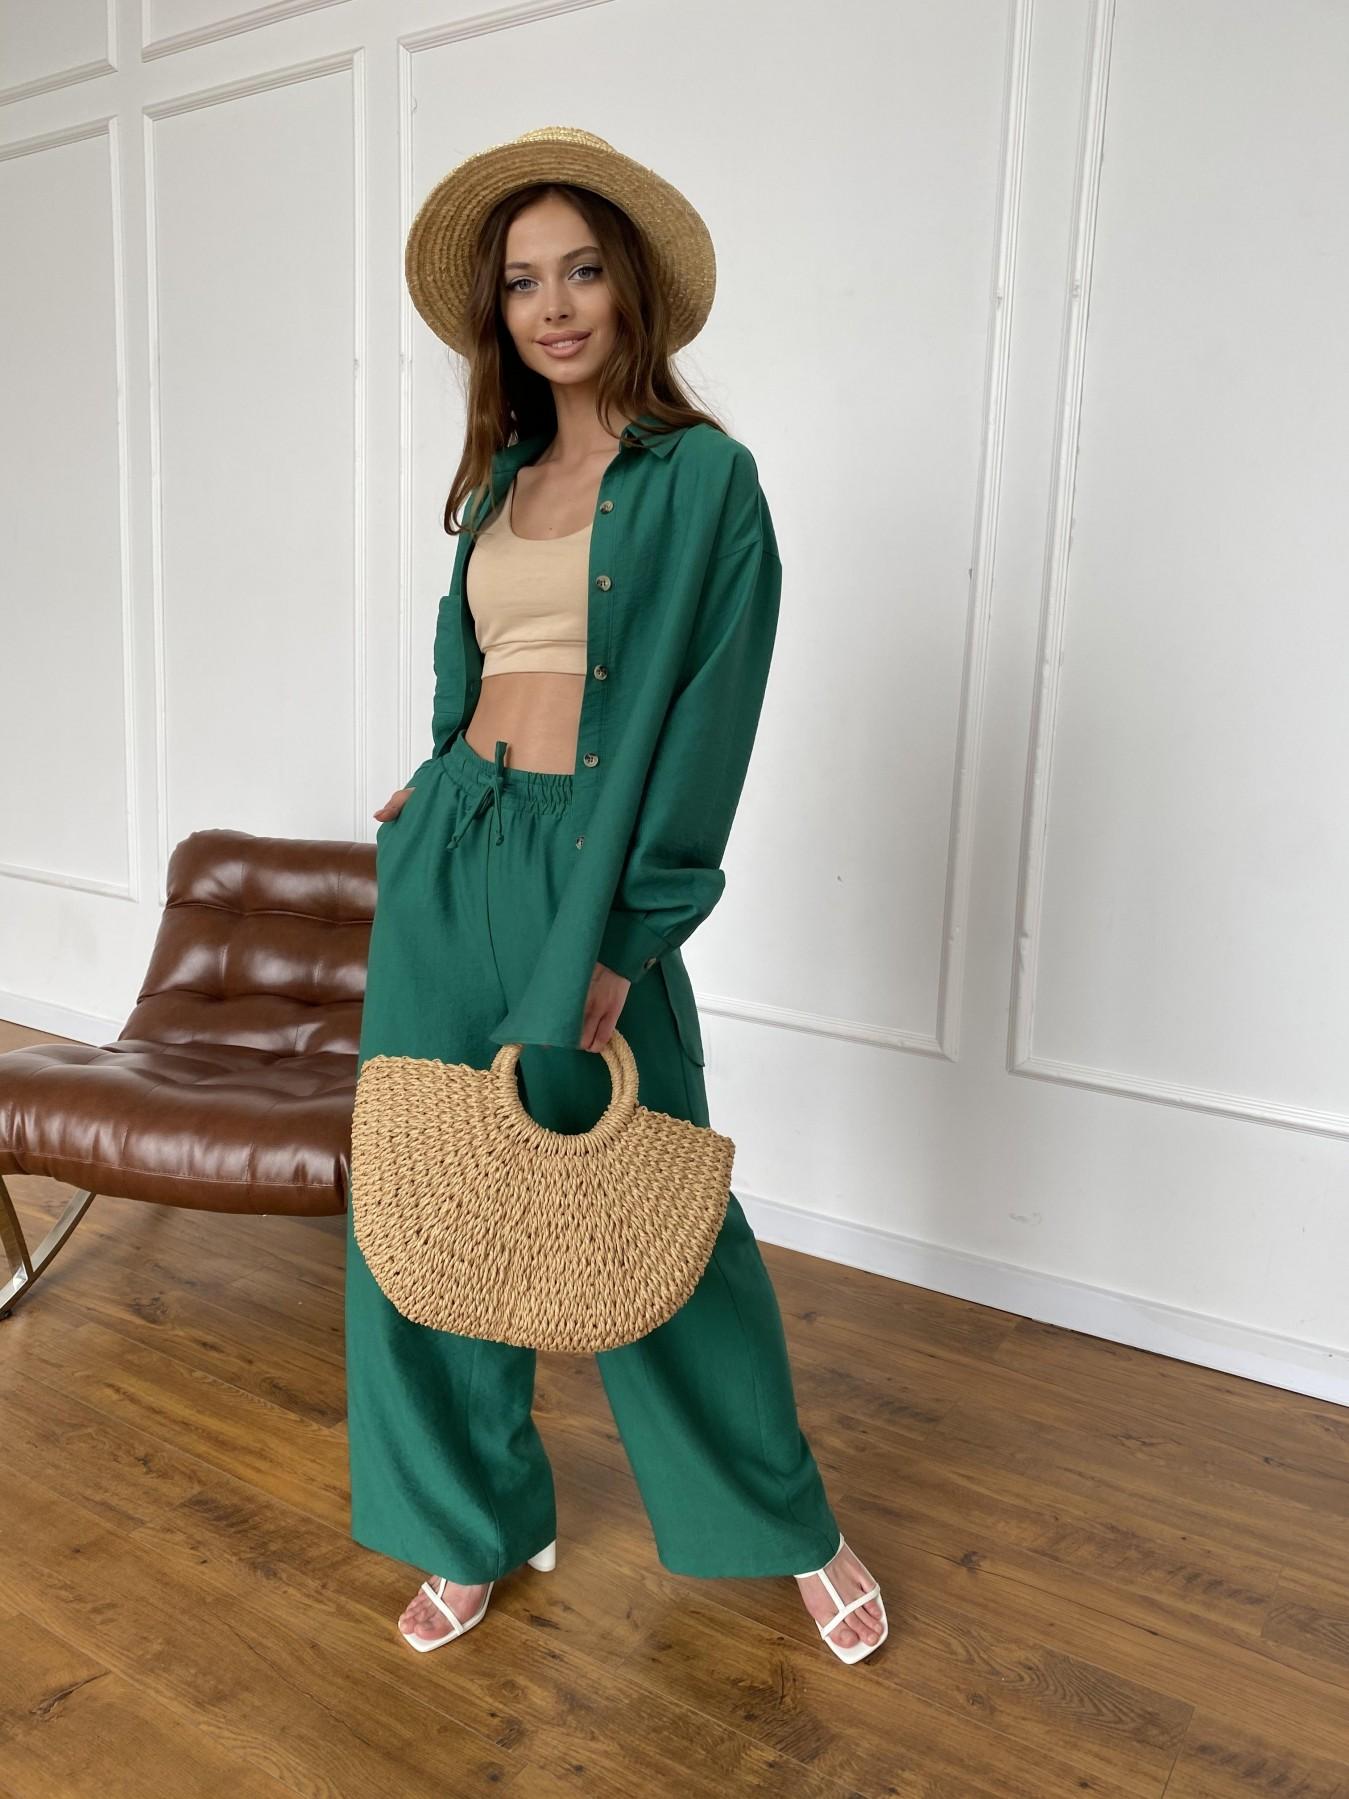 Дуэтто костюм из льна жатка не стрейч 11413 АРТ. 47961 Цвет: Зеленый - фото 2, интернет магазин tm-modus.ru